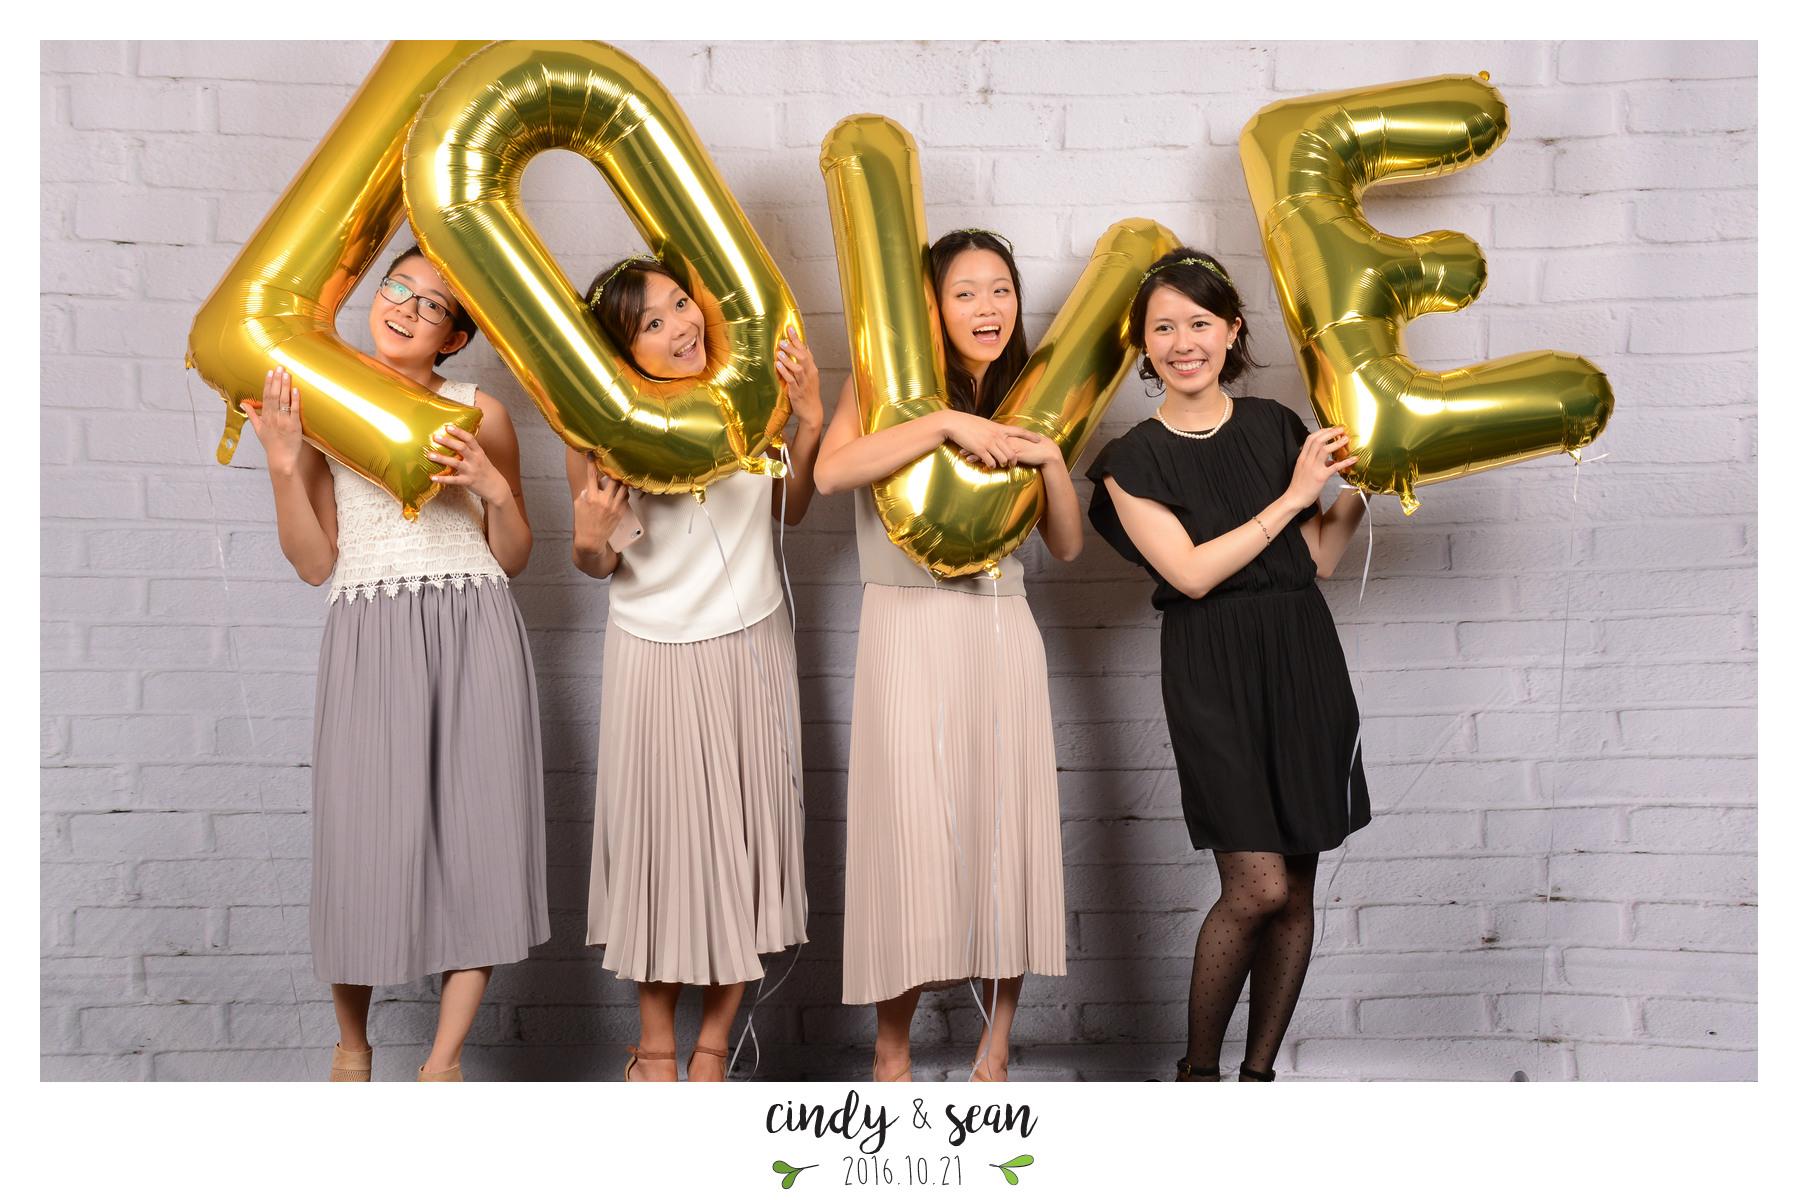 Cindy Sean Bae - 0001-179.jpg